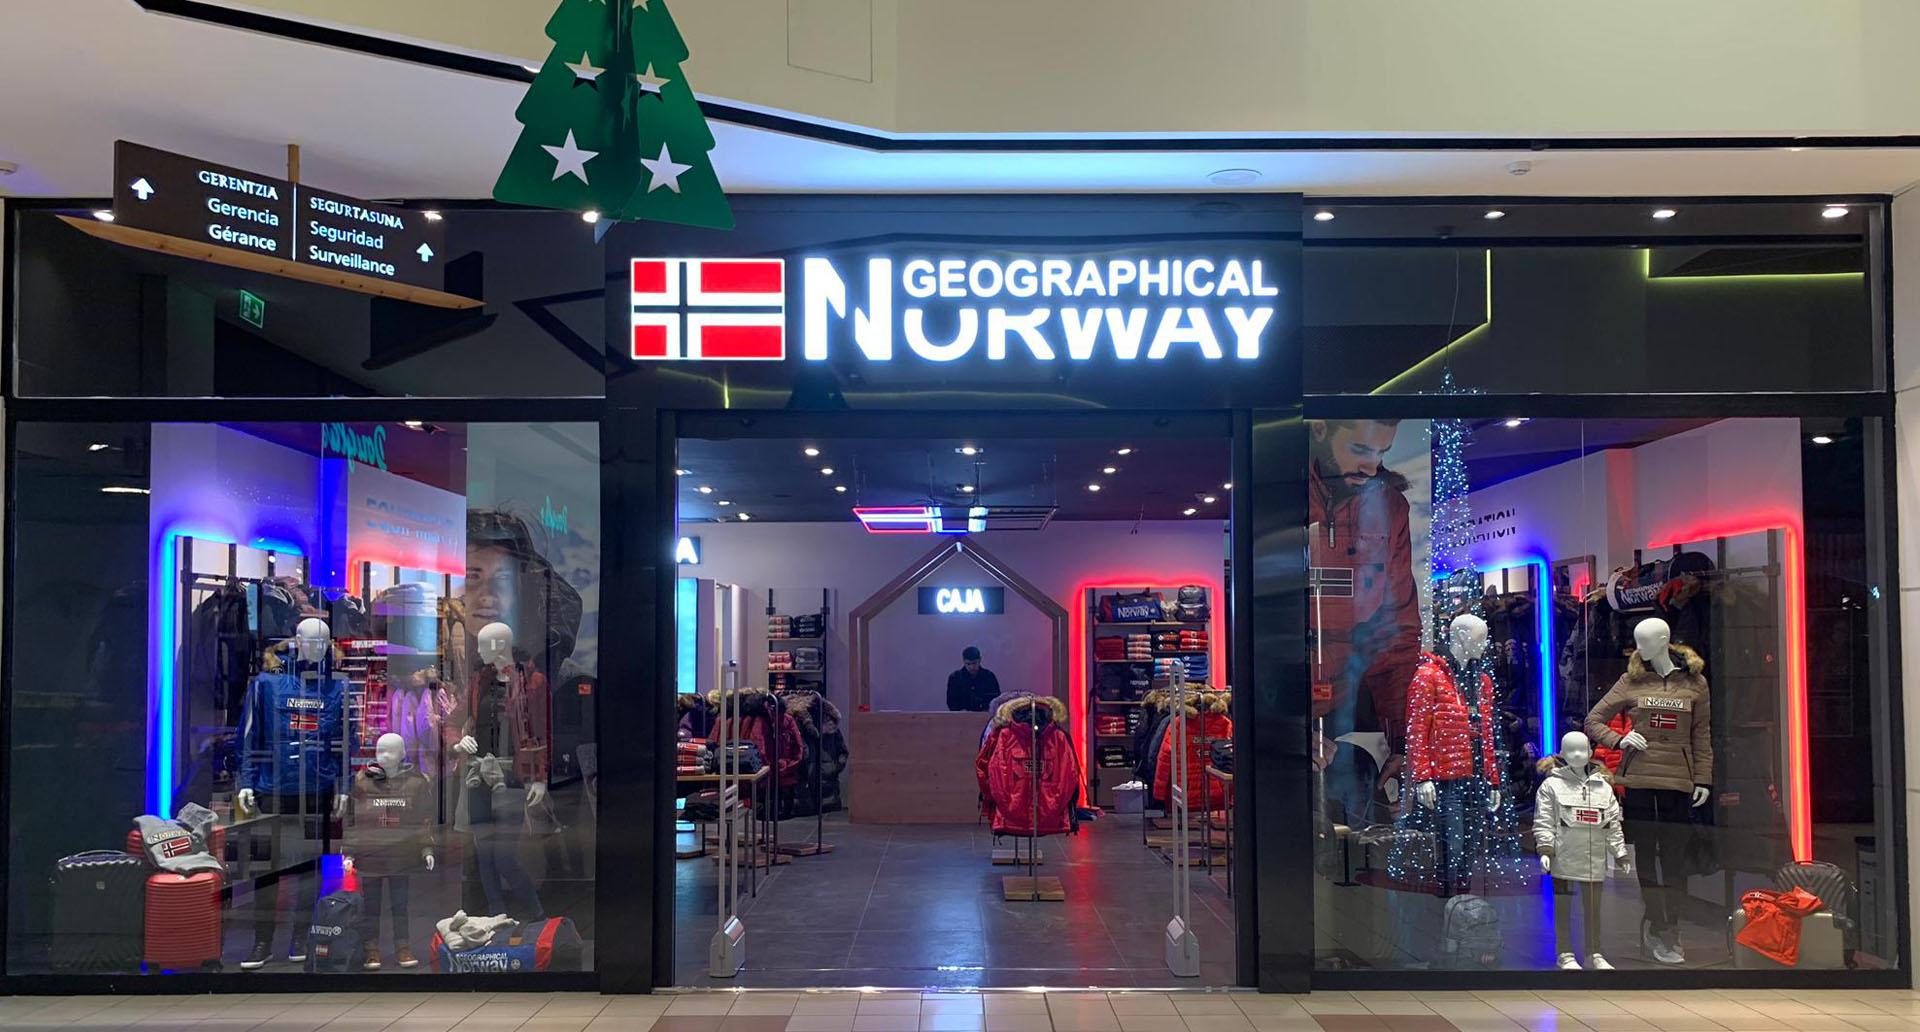 Nueva apertura en Txingudi: Geographical Norway